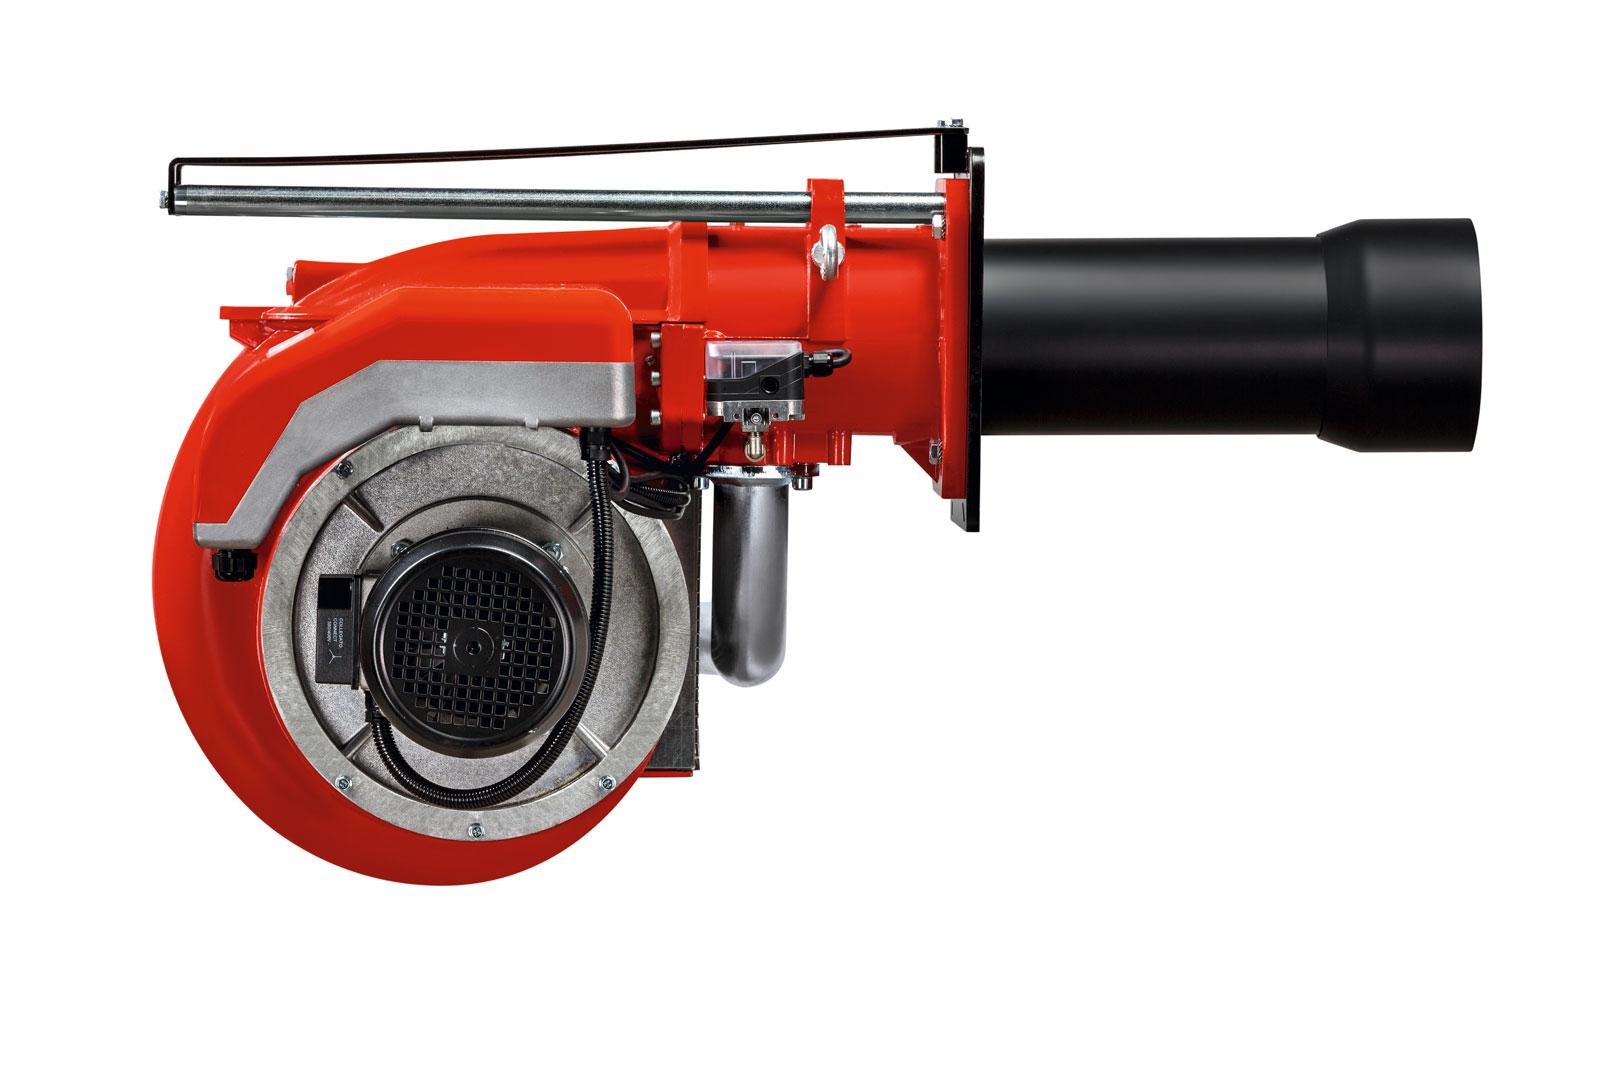 quemador-cremax-gas-2-llamas-200-1744kw-flamax-eficiencia-energetica-ppal